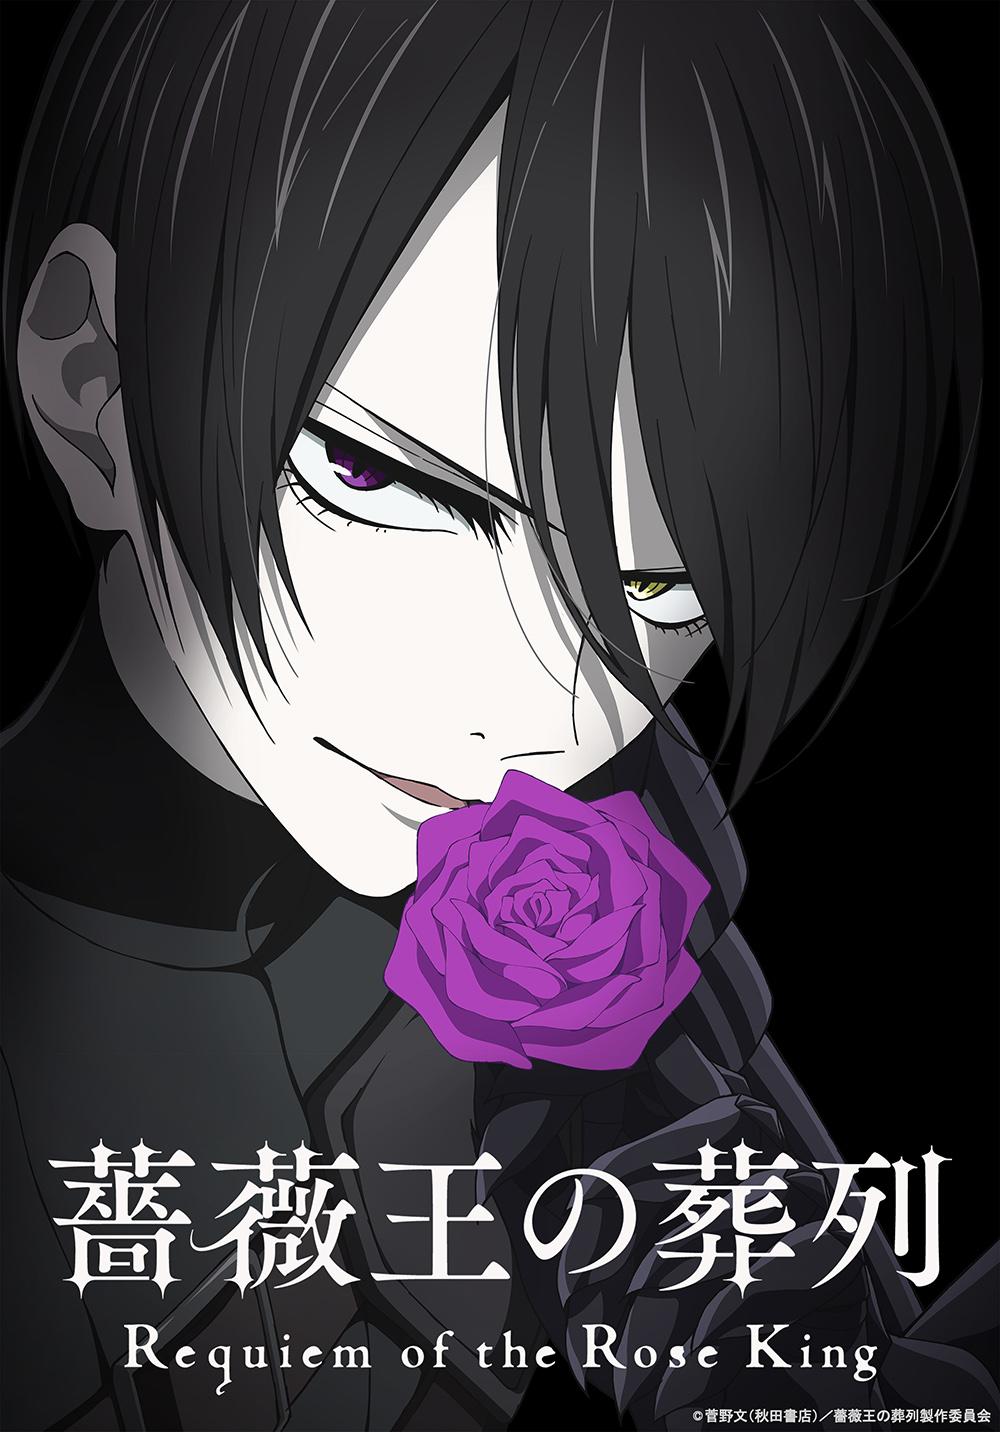 Le Requiem du Roi des Roses Animé Visuel